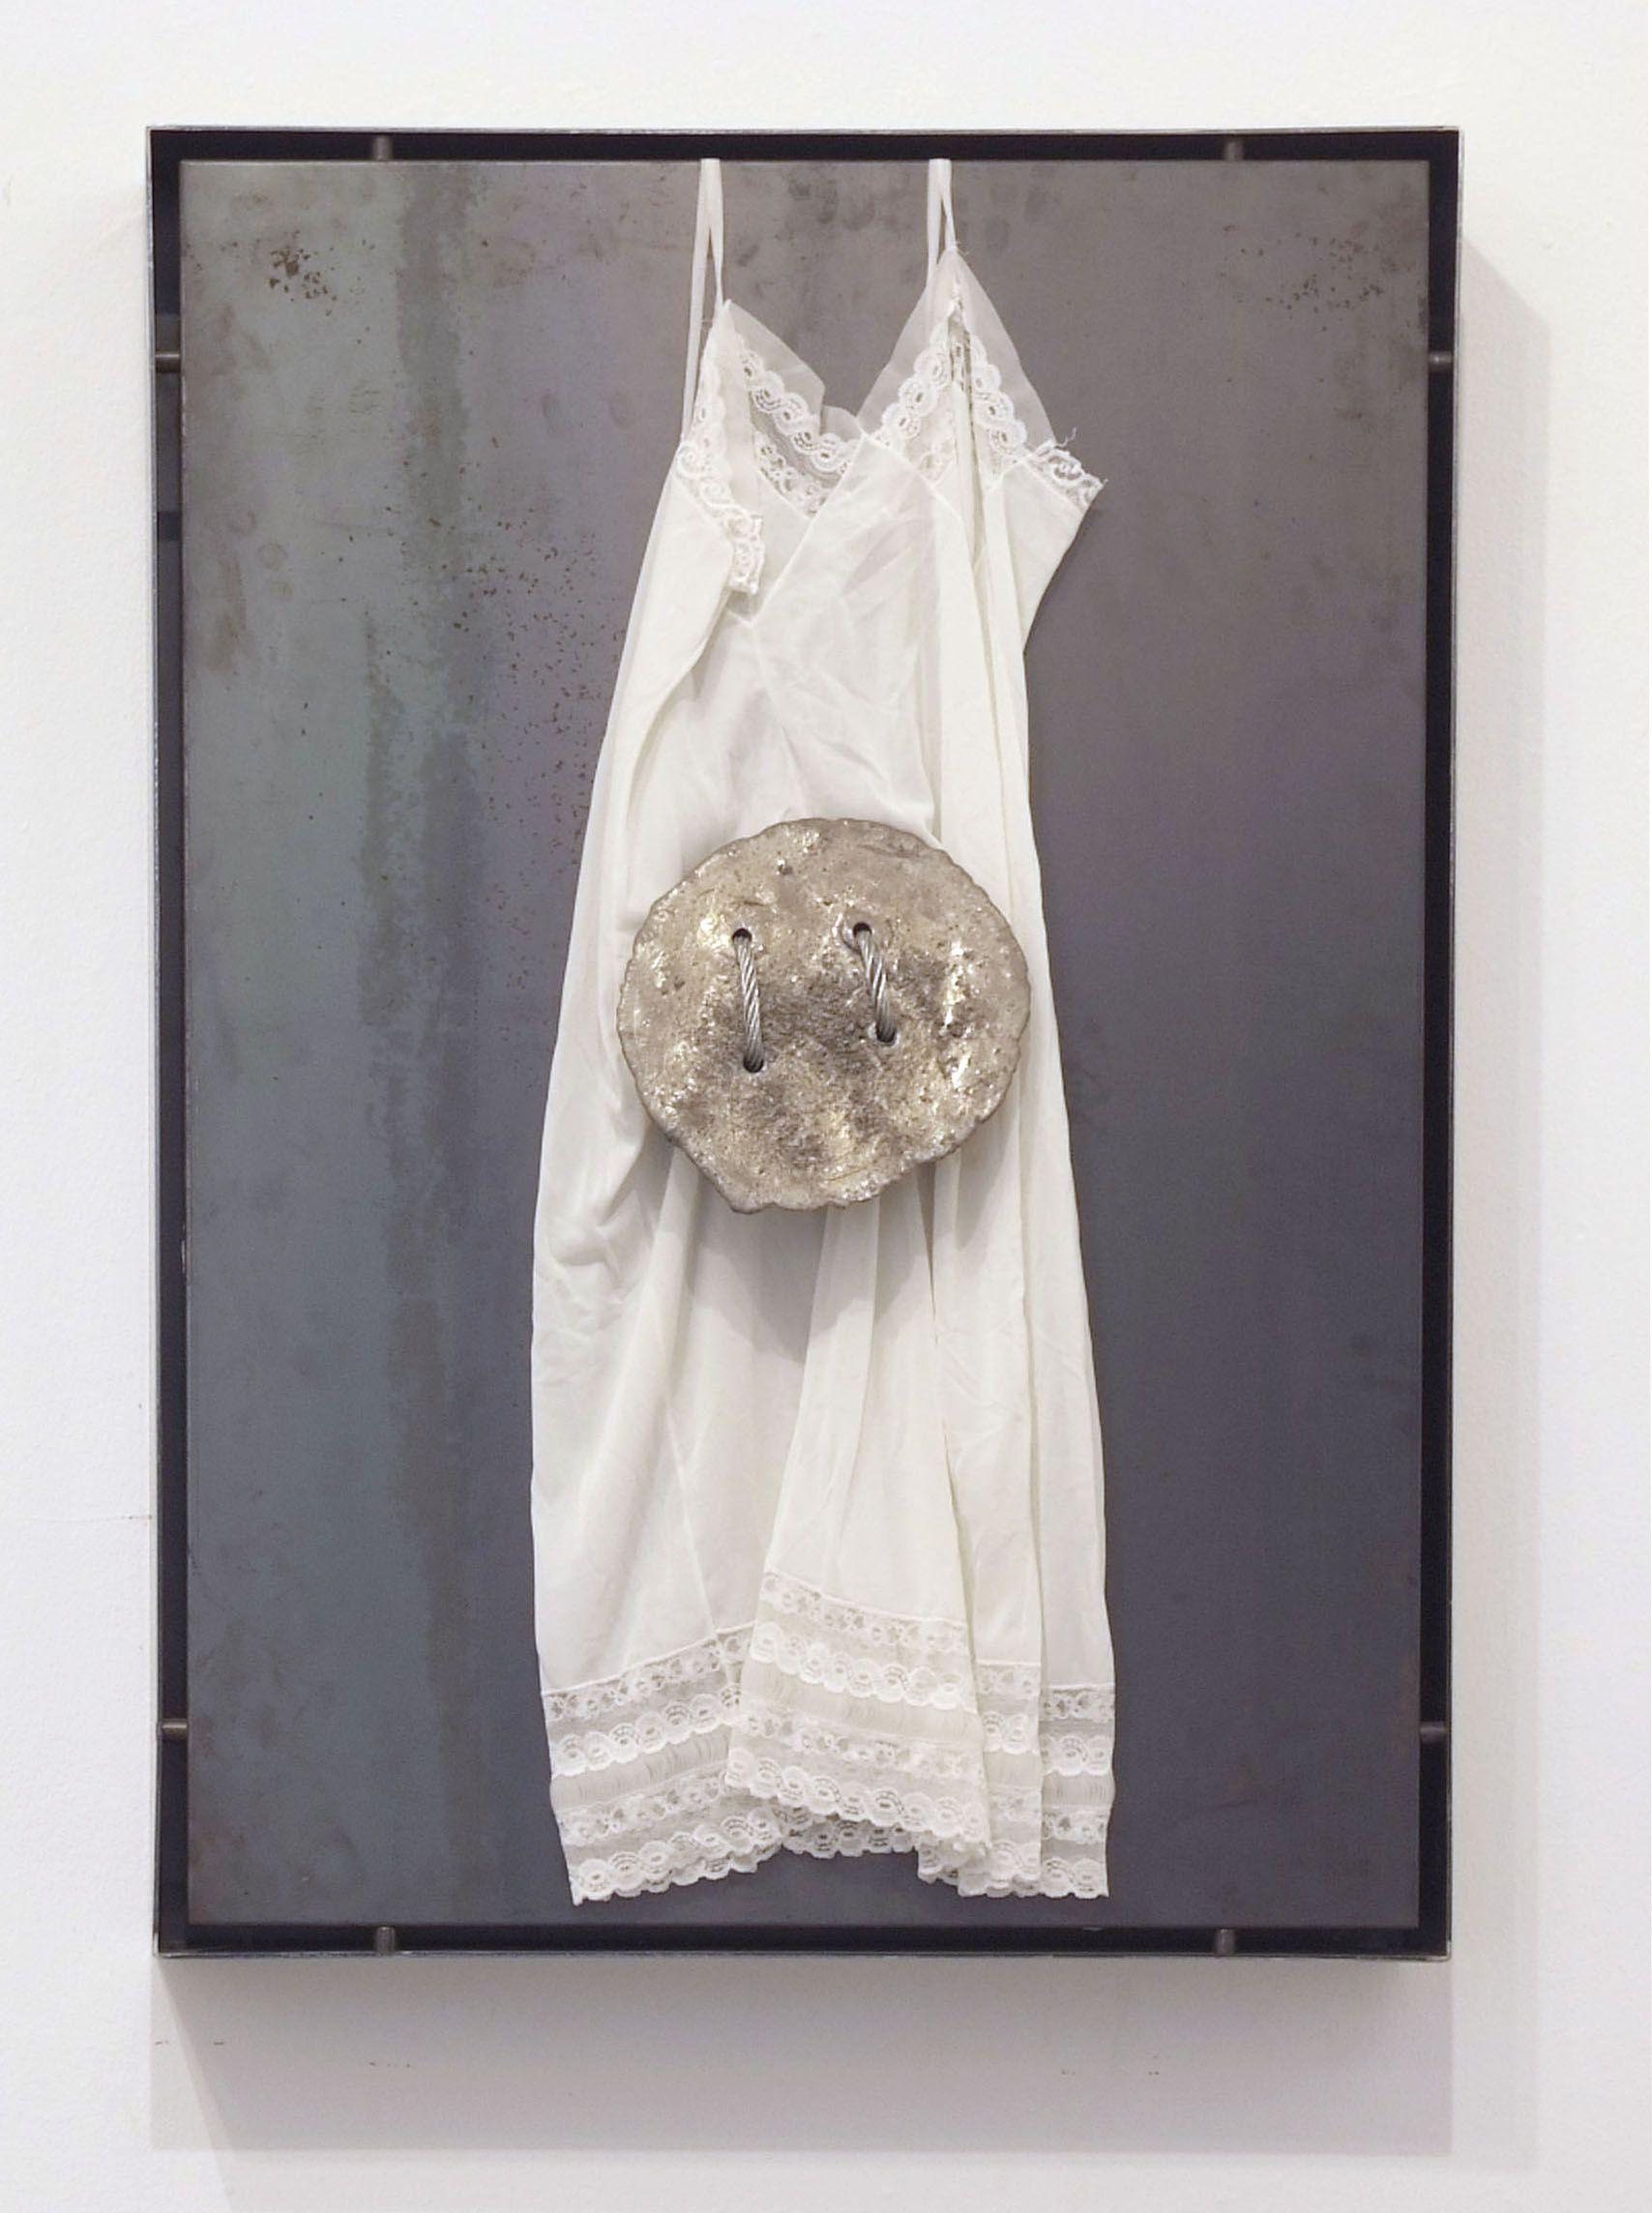 Jannis Kounellis.